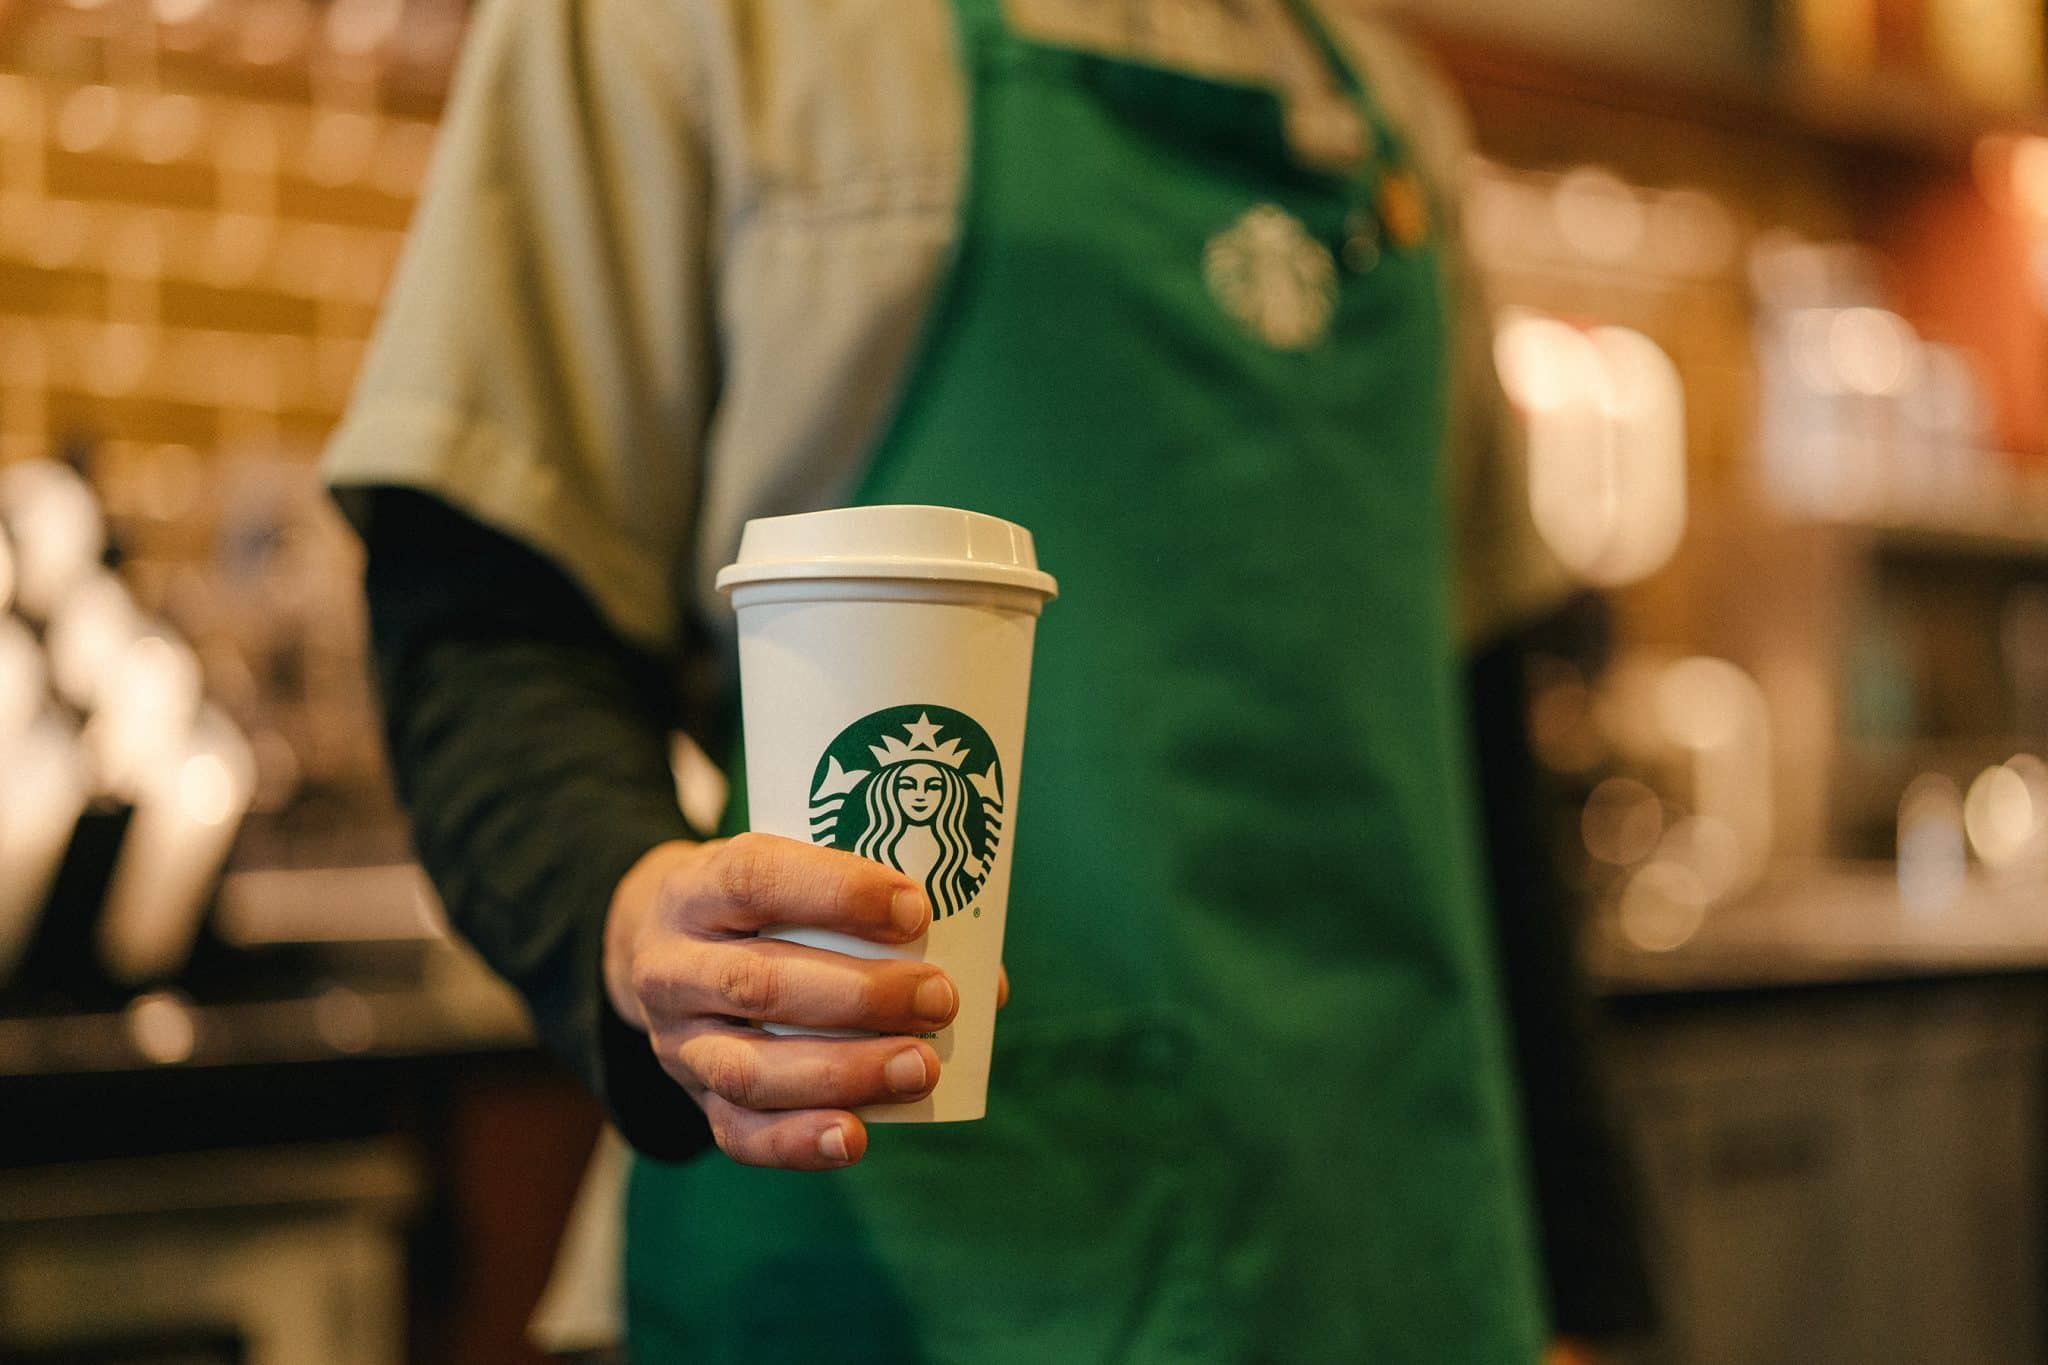 - Starbucks Reusable Cups scaled - Starbucks ກຽມຍົກເລີກຈອກແບບໃຊ້ເທື່ອດຽວຖິ້ມ ເລີ່ມຢູ່ ສ.ເກົາຫລີ ພາຍໃນປີ 2025